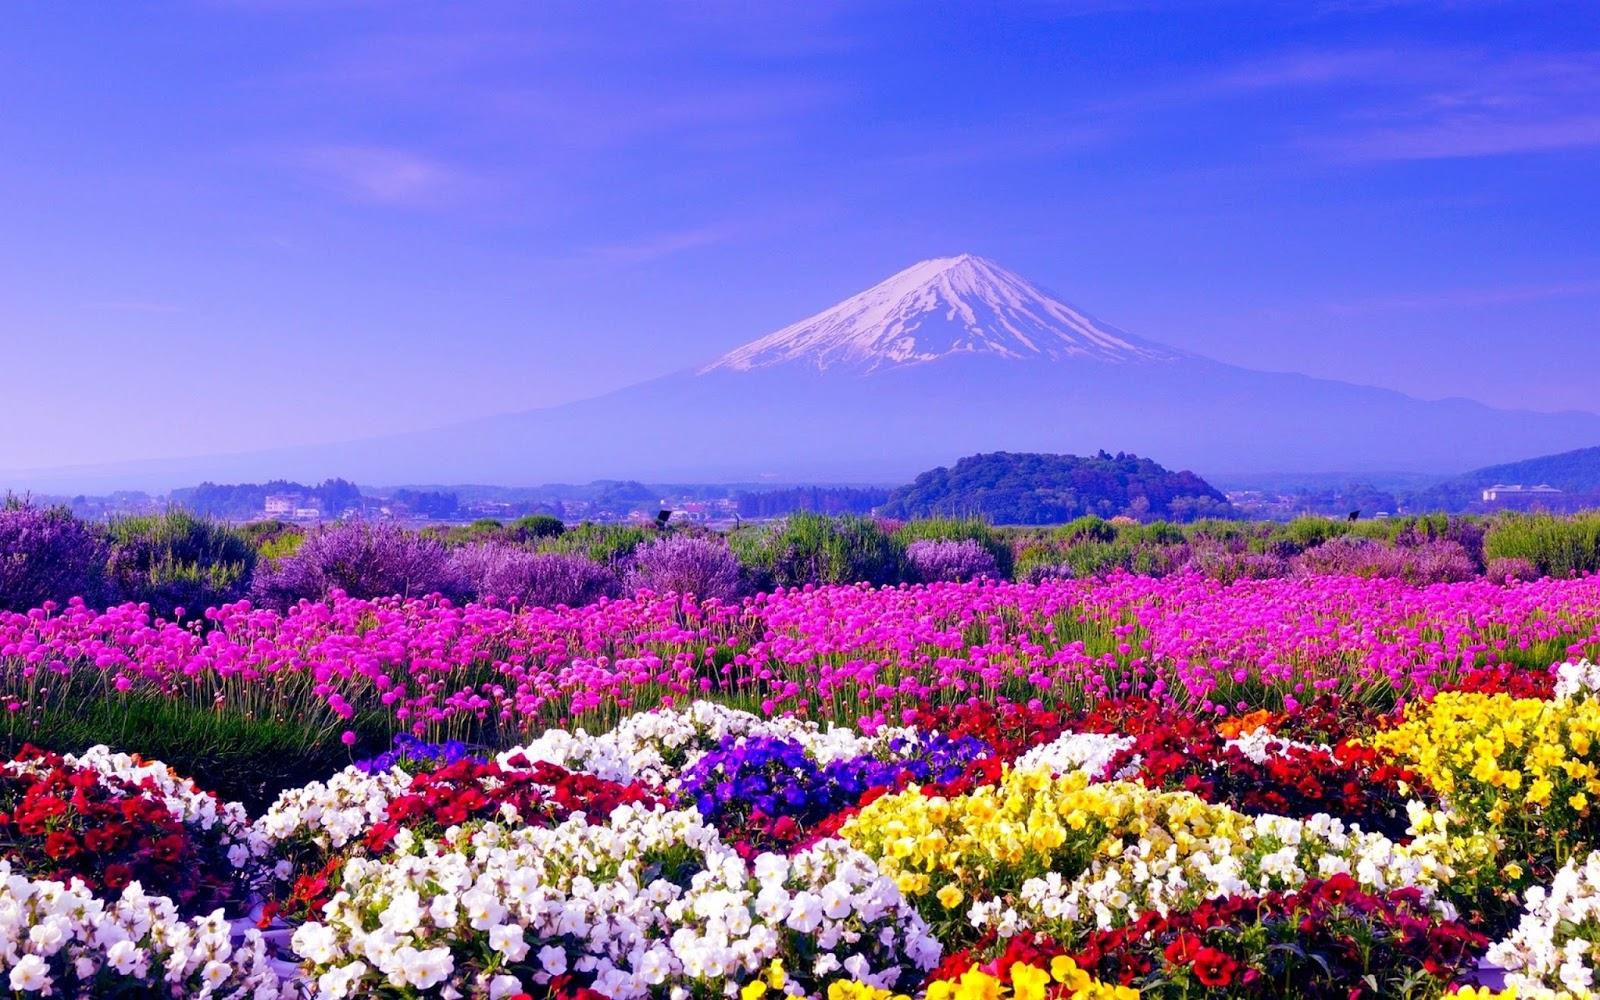 Fond d'écran gratuit fleurs des champs - Fonds d'écran HD